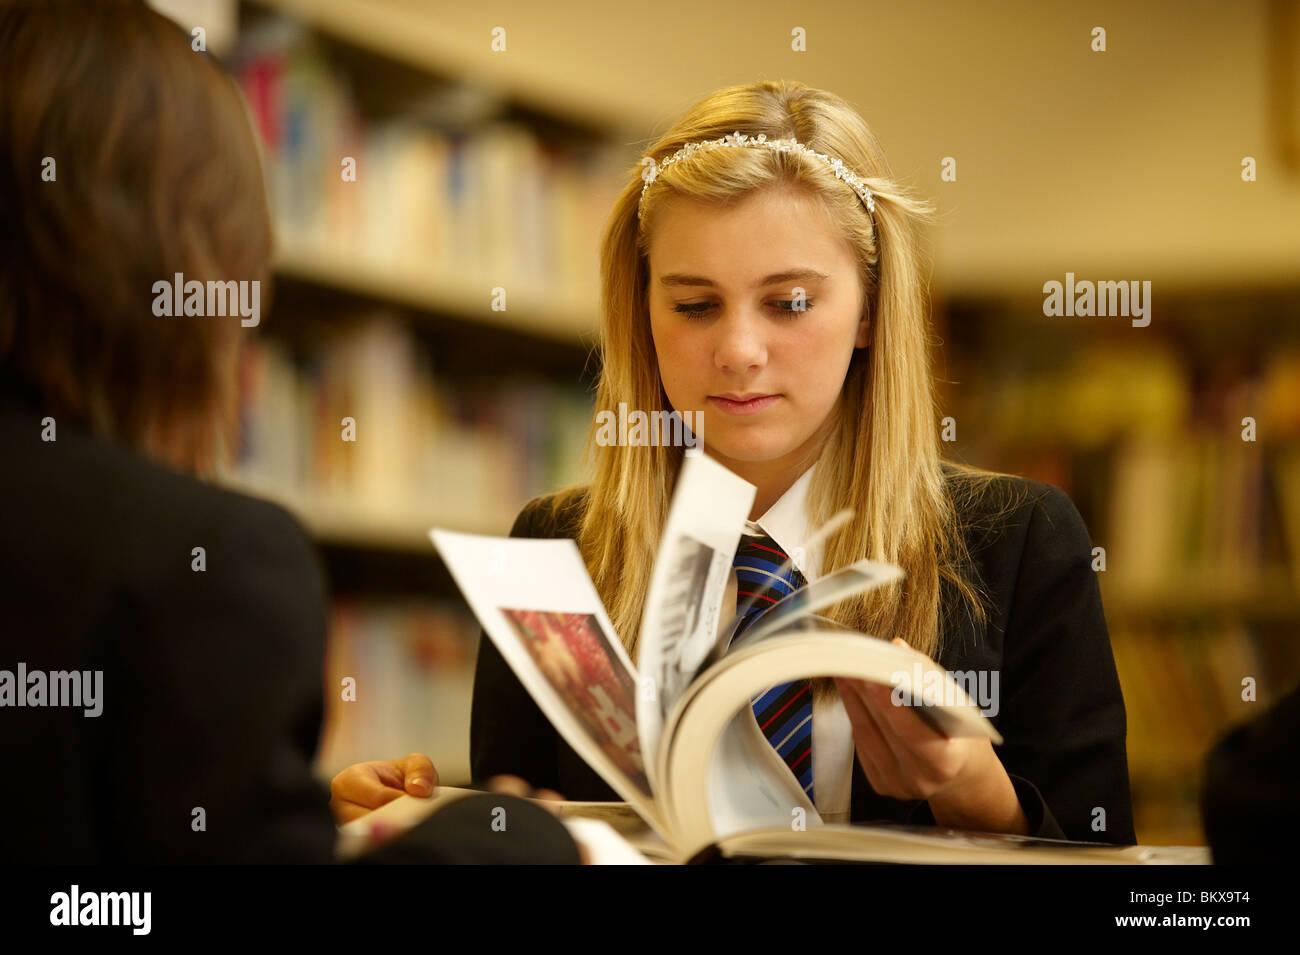 Mädchen in der Bibliothek Stockbild